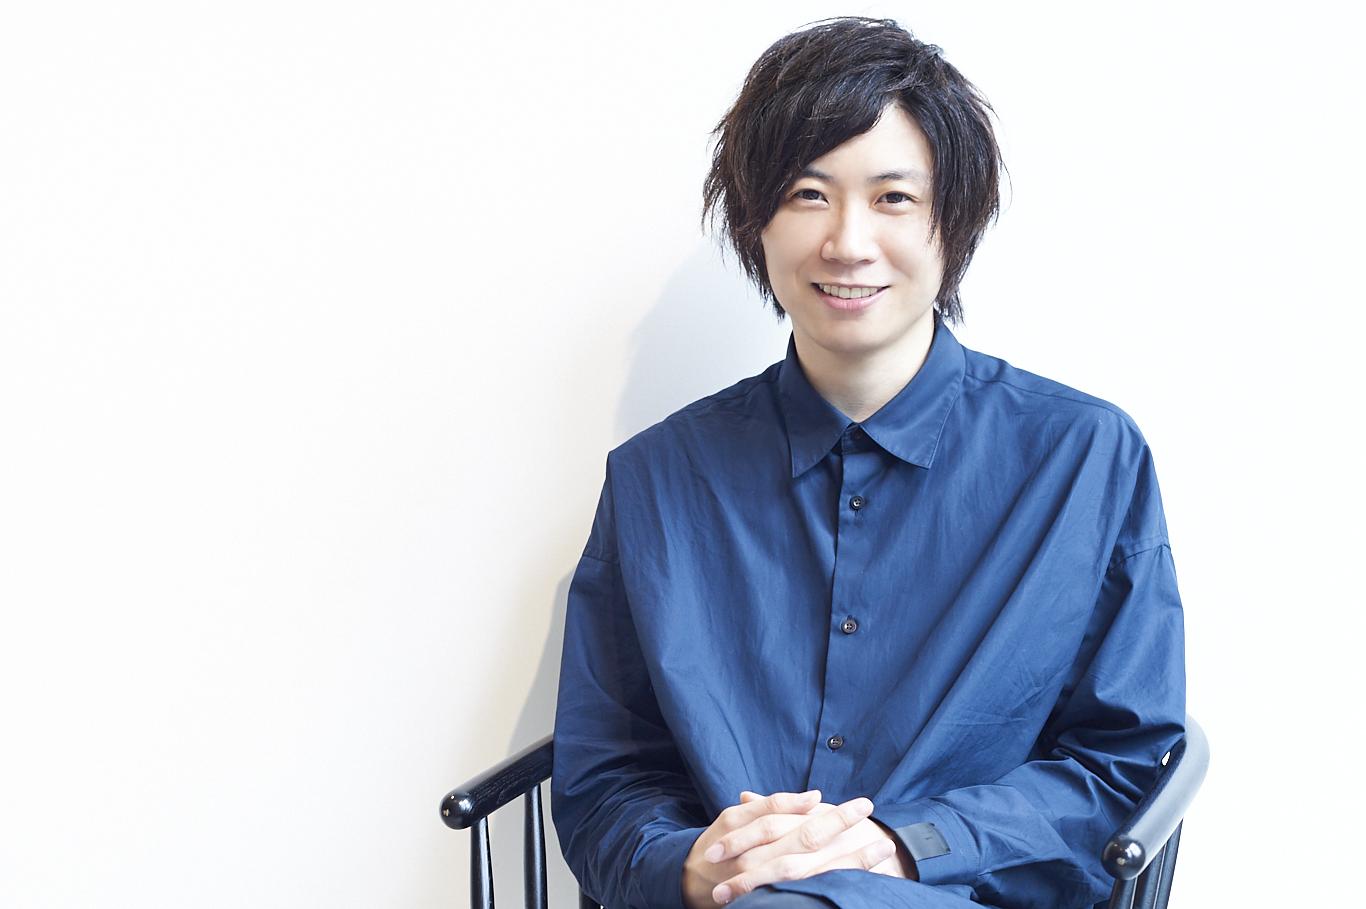 """ジャニーズは""""遠さ""""が価値の源泉。SHOWROOM・前田裕二、新プロジェクトへの思い"""